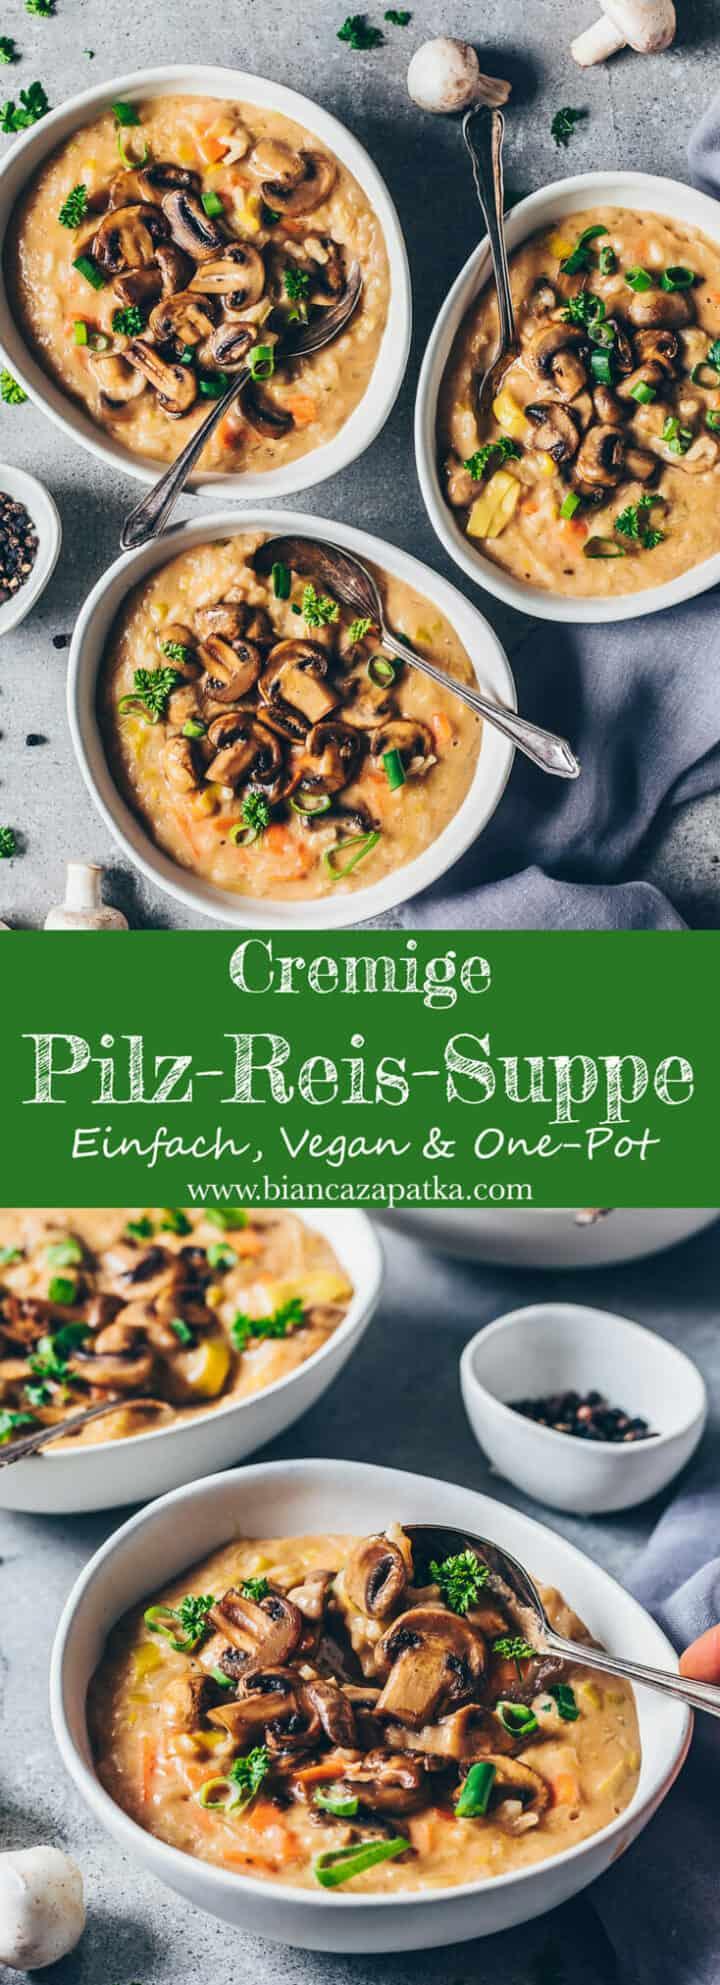 Cremige Pilz-Reis-Suppe One-Pot Rezept. Der Eintopf ist gesund, lecker, vegan, milchfrei, glutenfrei, sojafrei, pflanzlich. Ideal als Vorspeise oder Hauptmahlzeit.